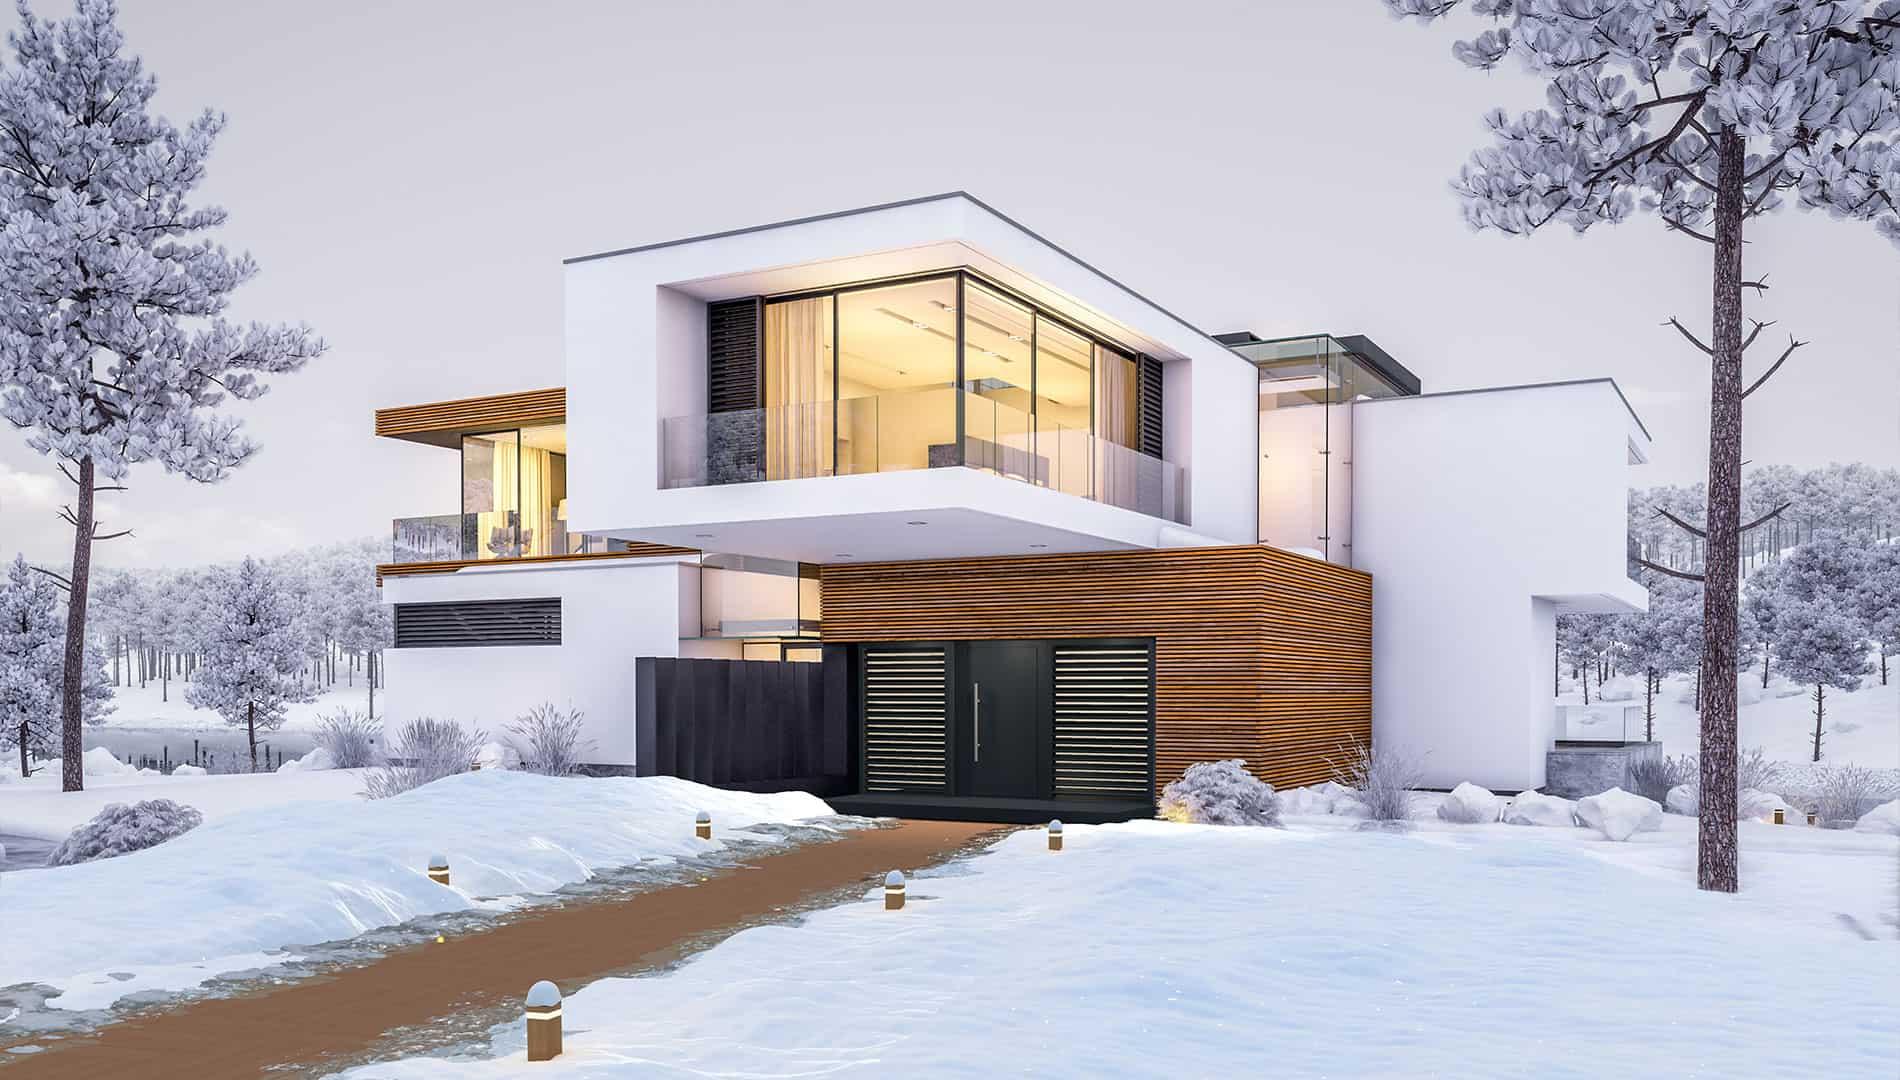 Einstein a2 therm, cottage Design, Teak, im Mörtelbett verlegter Hauszugang, beheizt